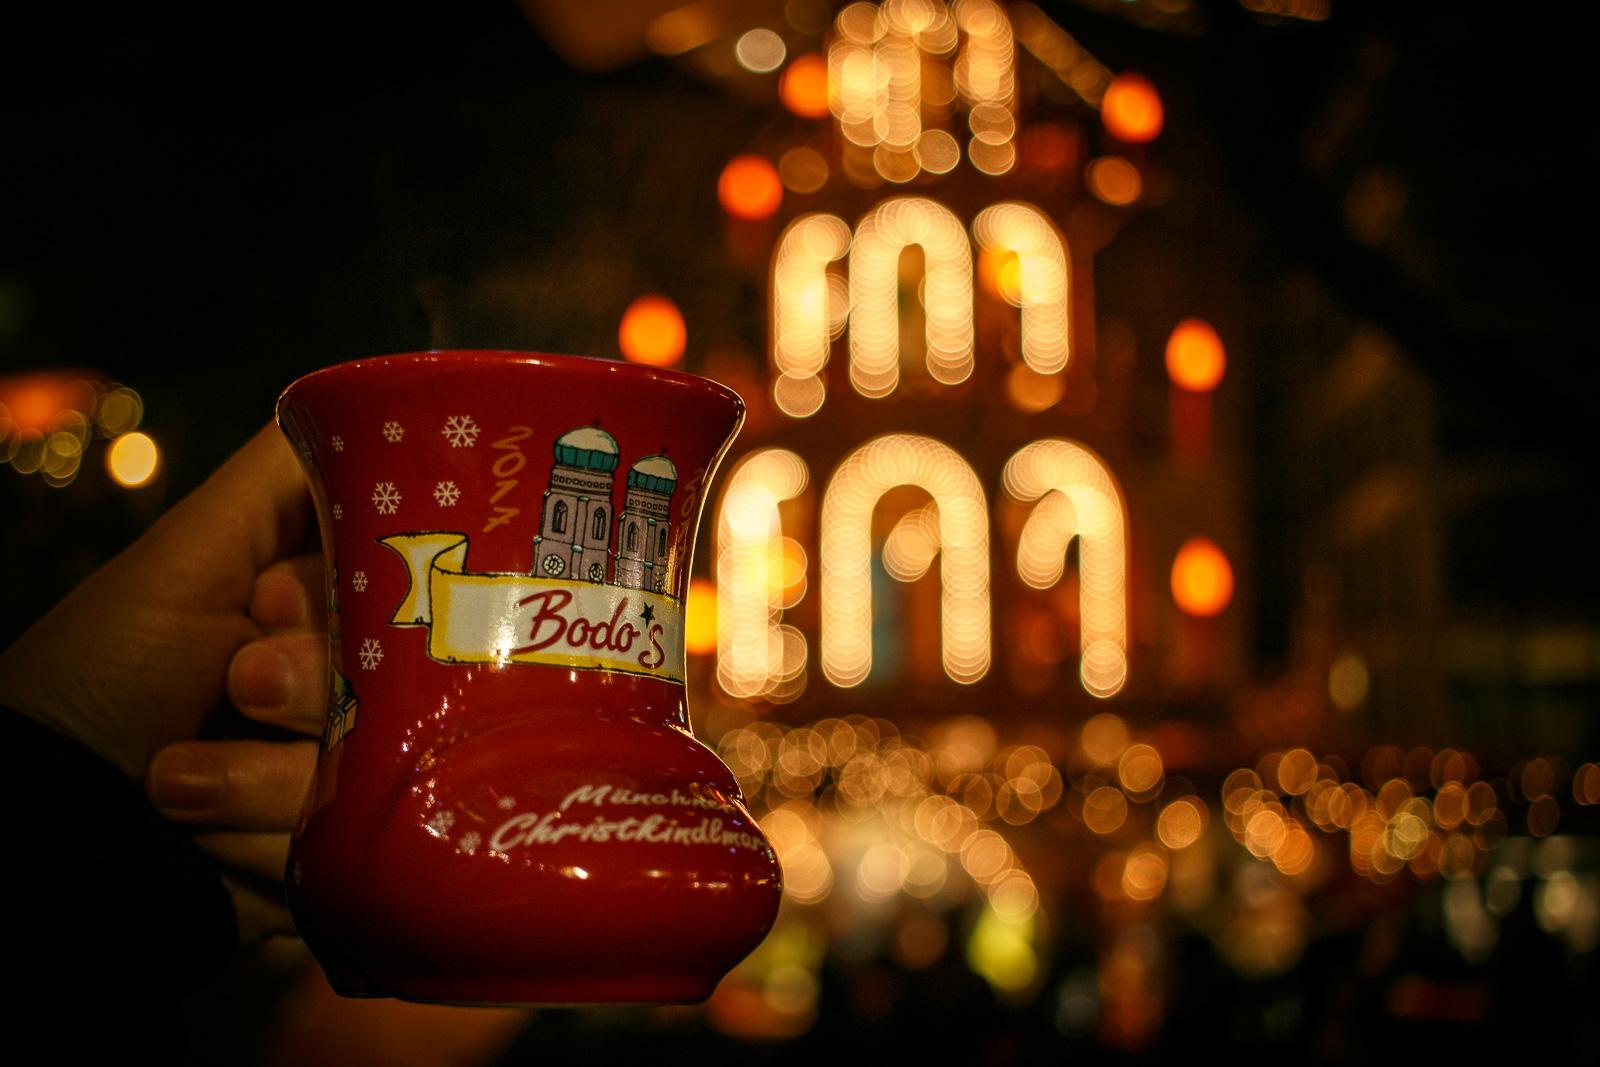 Ein guter Glühwein darf auf dem Weihnachtsmarkt natürlich nicht fehlen.